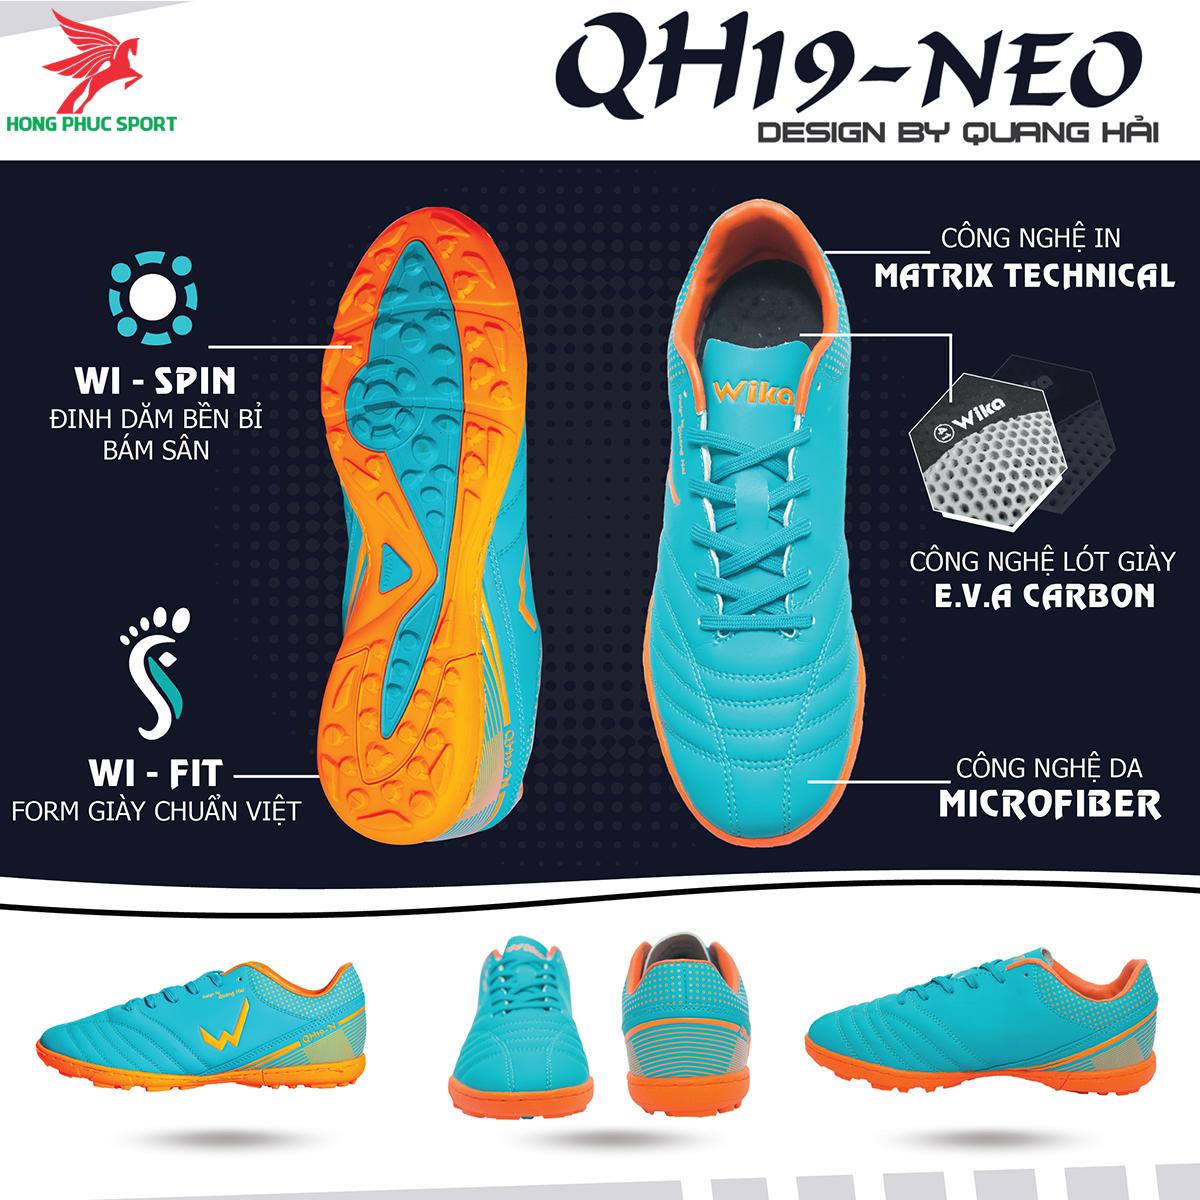 https://cdn.hongphucsport.com/unsafe/s4.shopbay.vn/files/285/giay-da-bong-wika-qh19-neo-mau-xanh-ngoc-1-60586c276bfa3.png